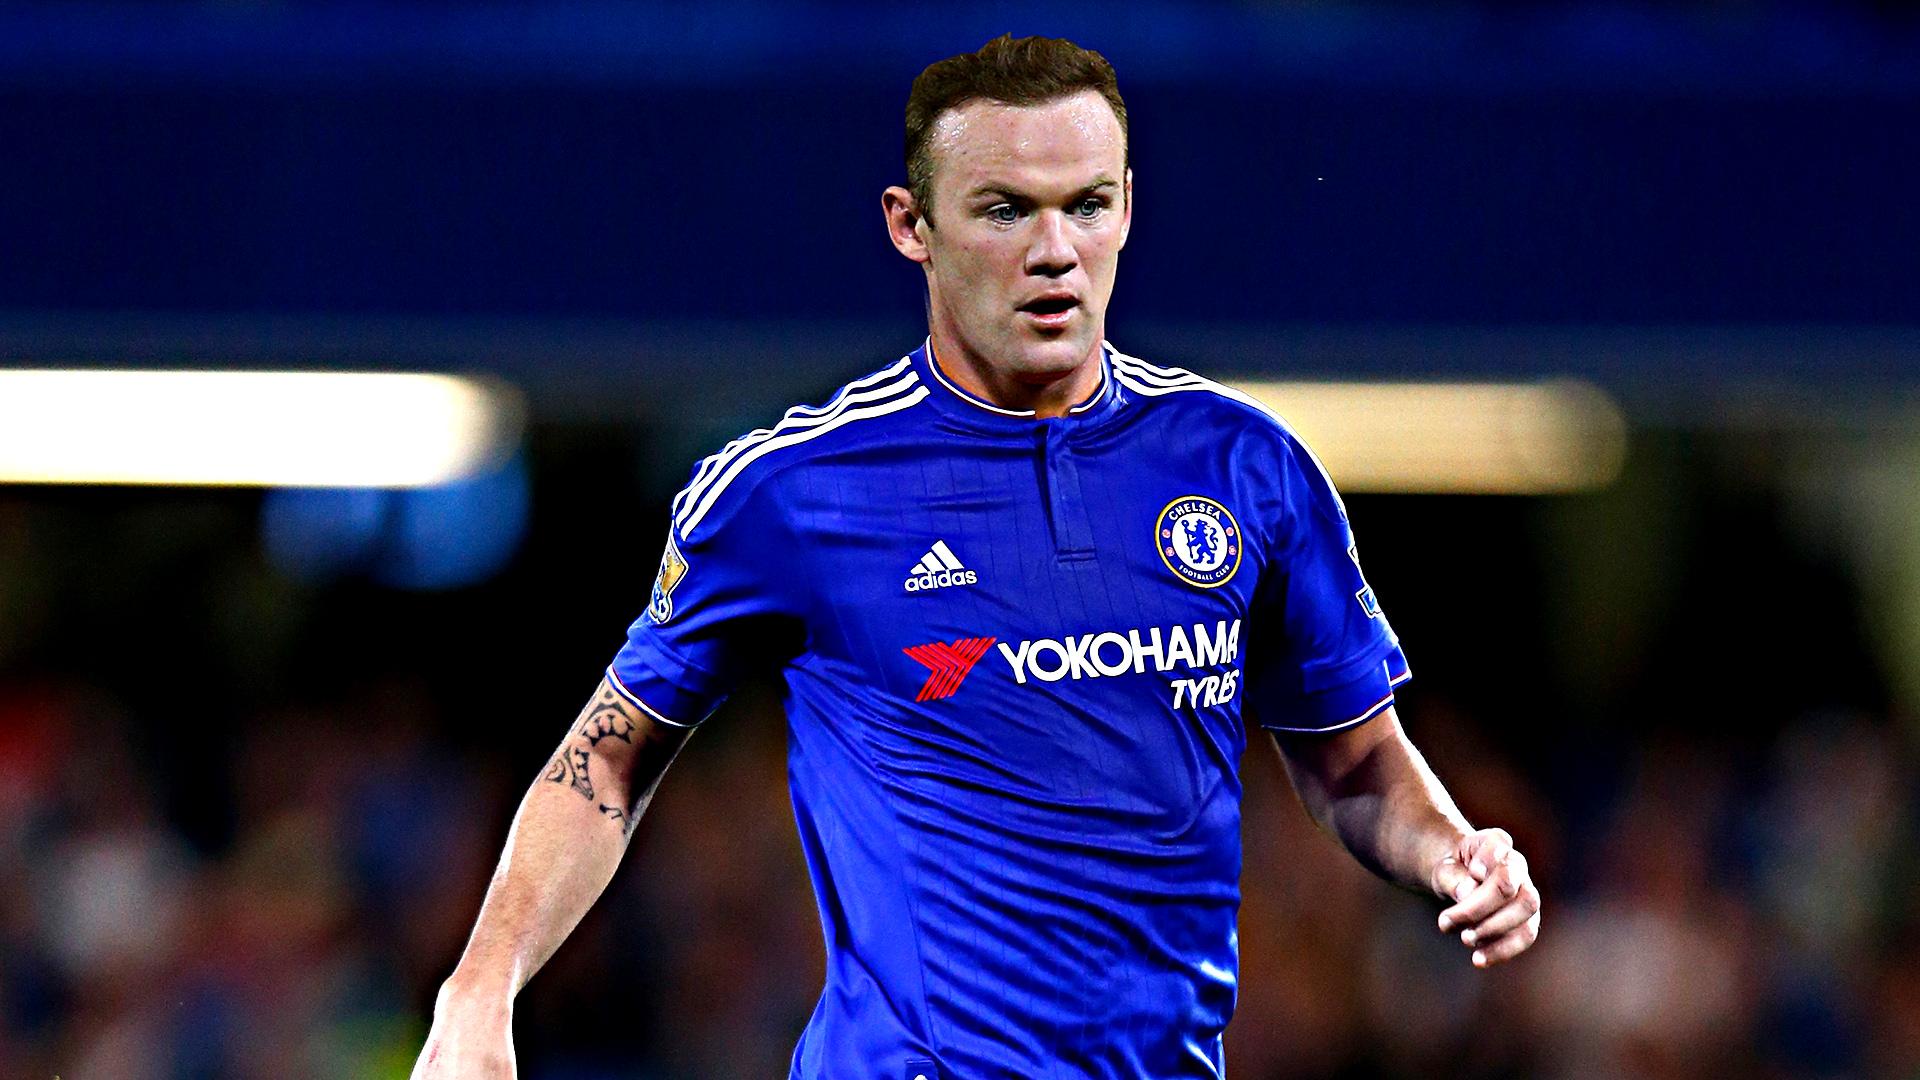 Wayne Rooney - Chelsea